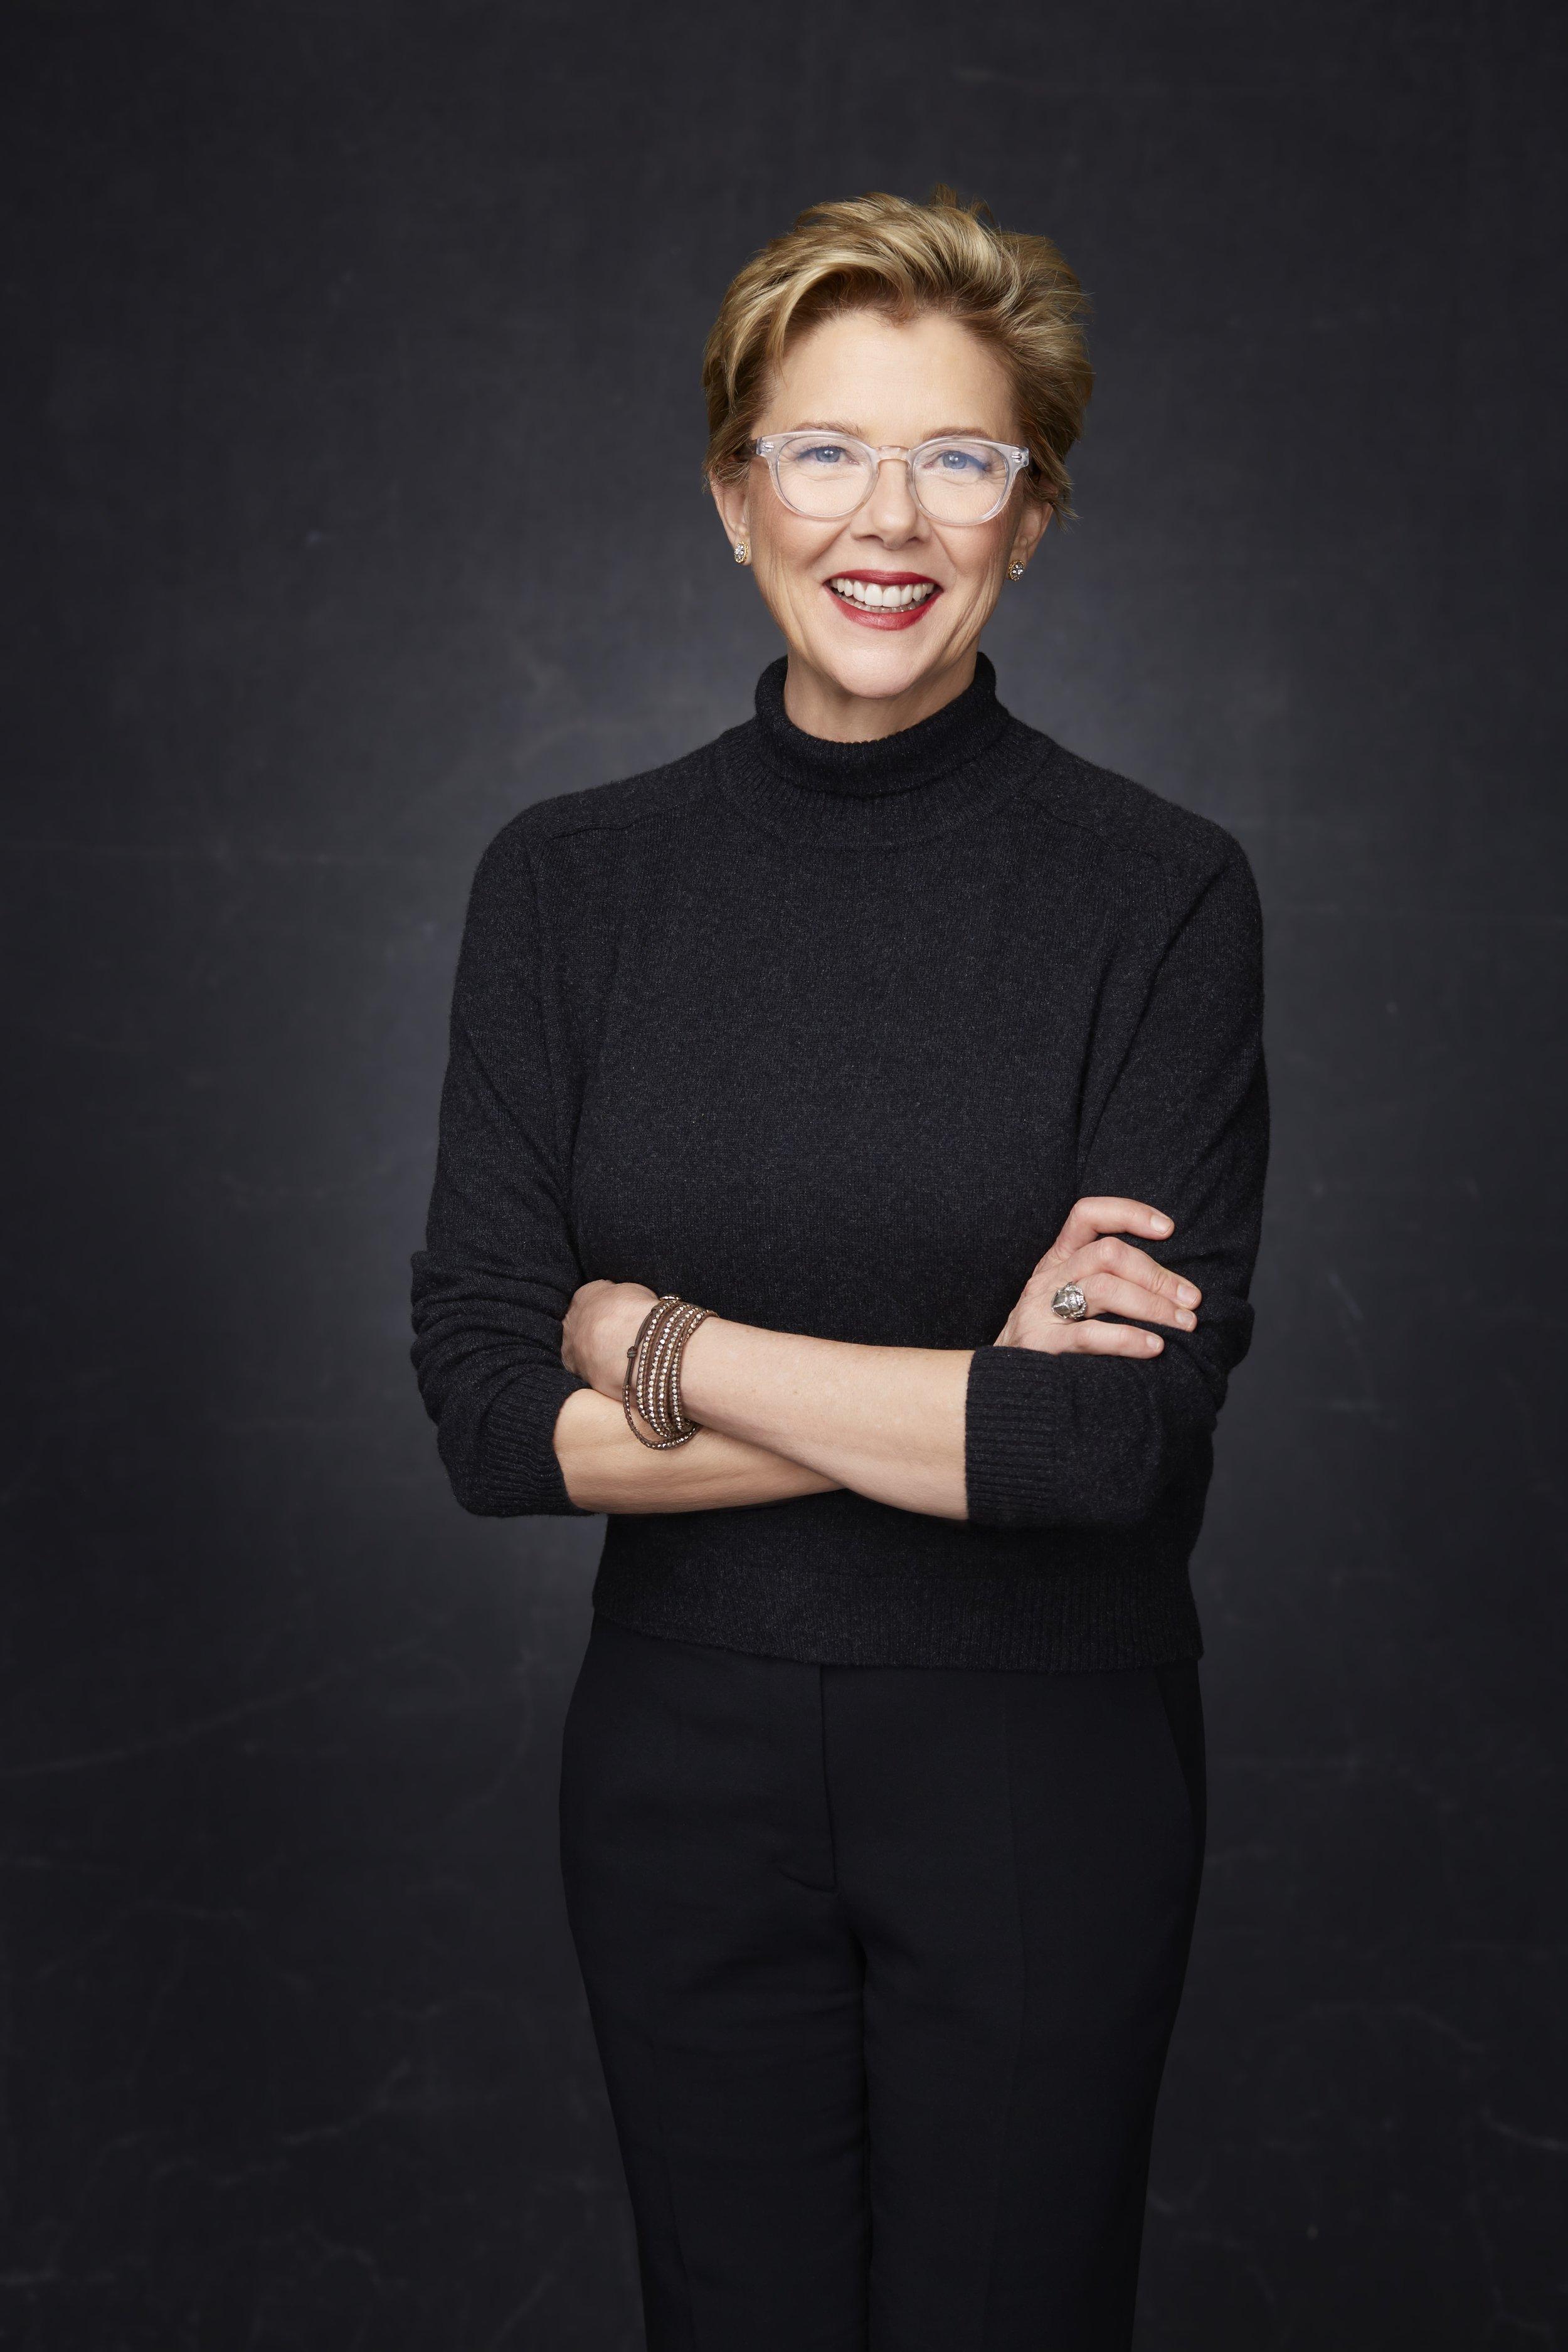 Annette Benning Headshot - Jon Rou.jpg